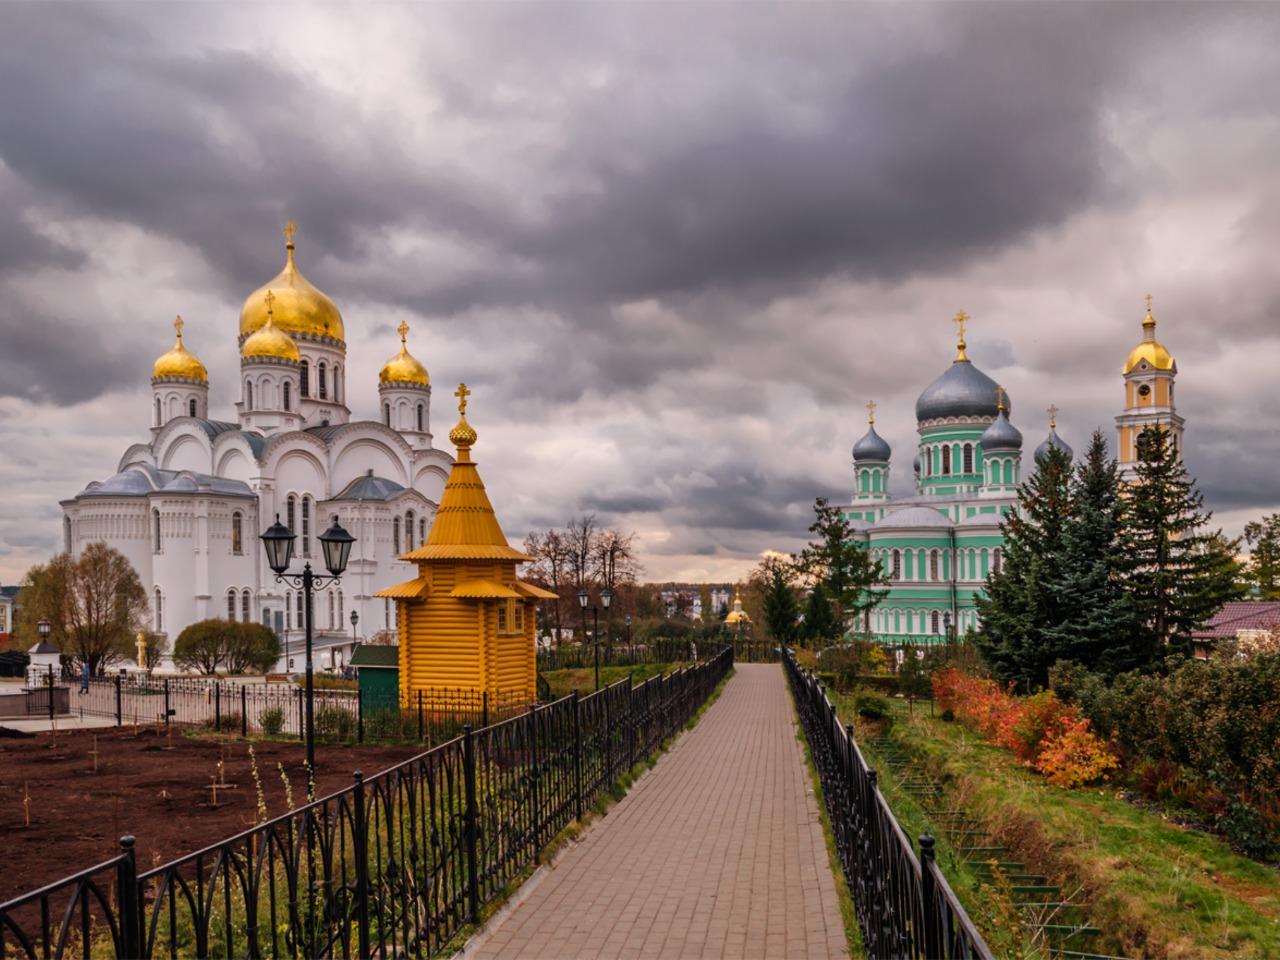 Дивеево - побывать хотя бы раз! - индивидуальная экскурсия по Нижнему Новгороду от опытного гида